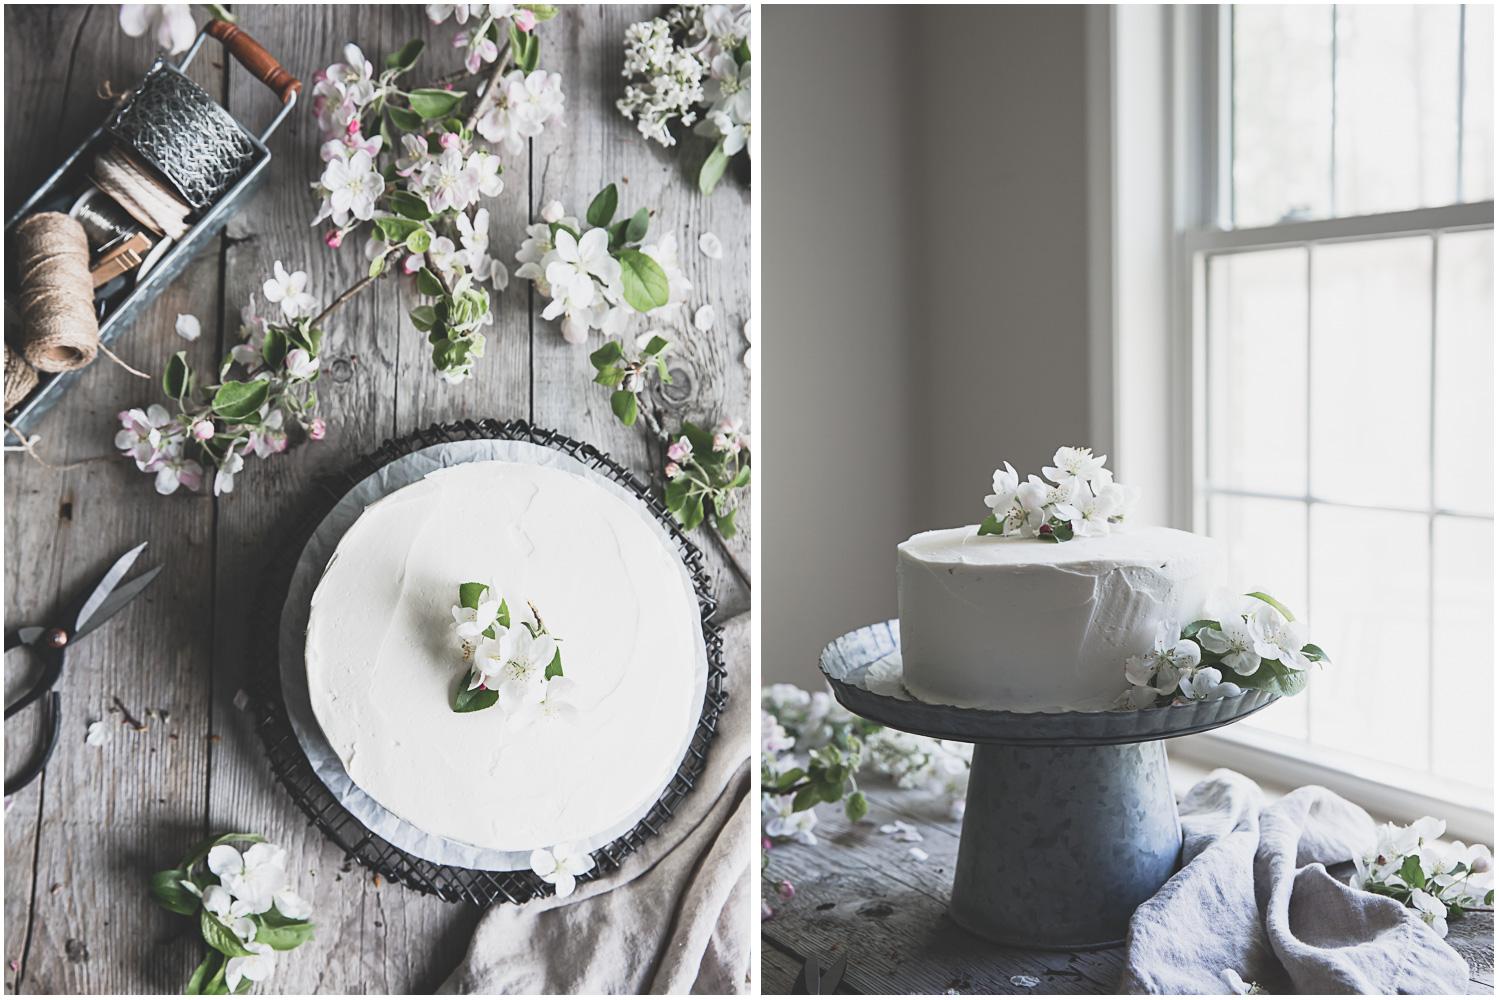 Bragg_Kate_White_Cake_Apple_Blossom_8.jpg